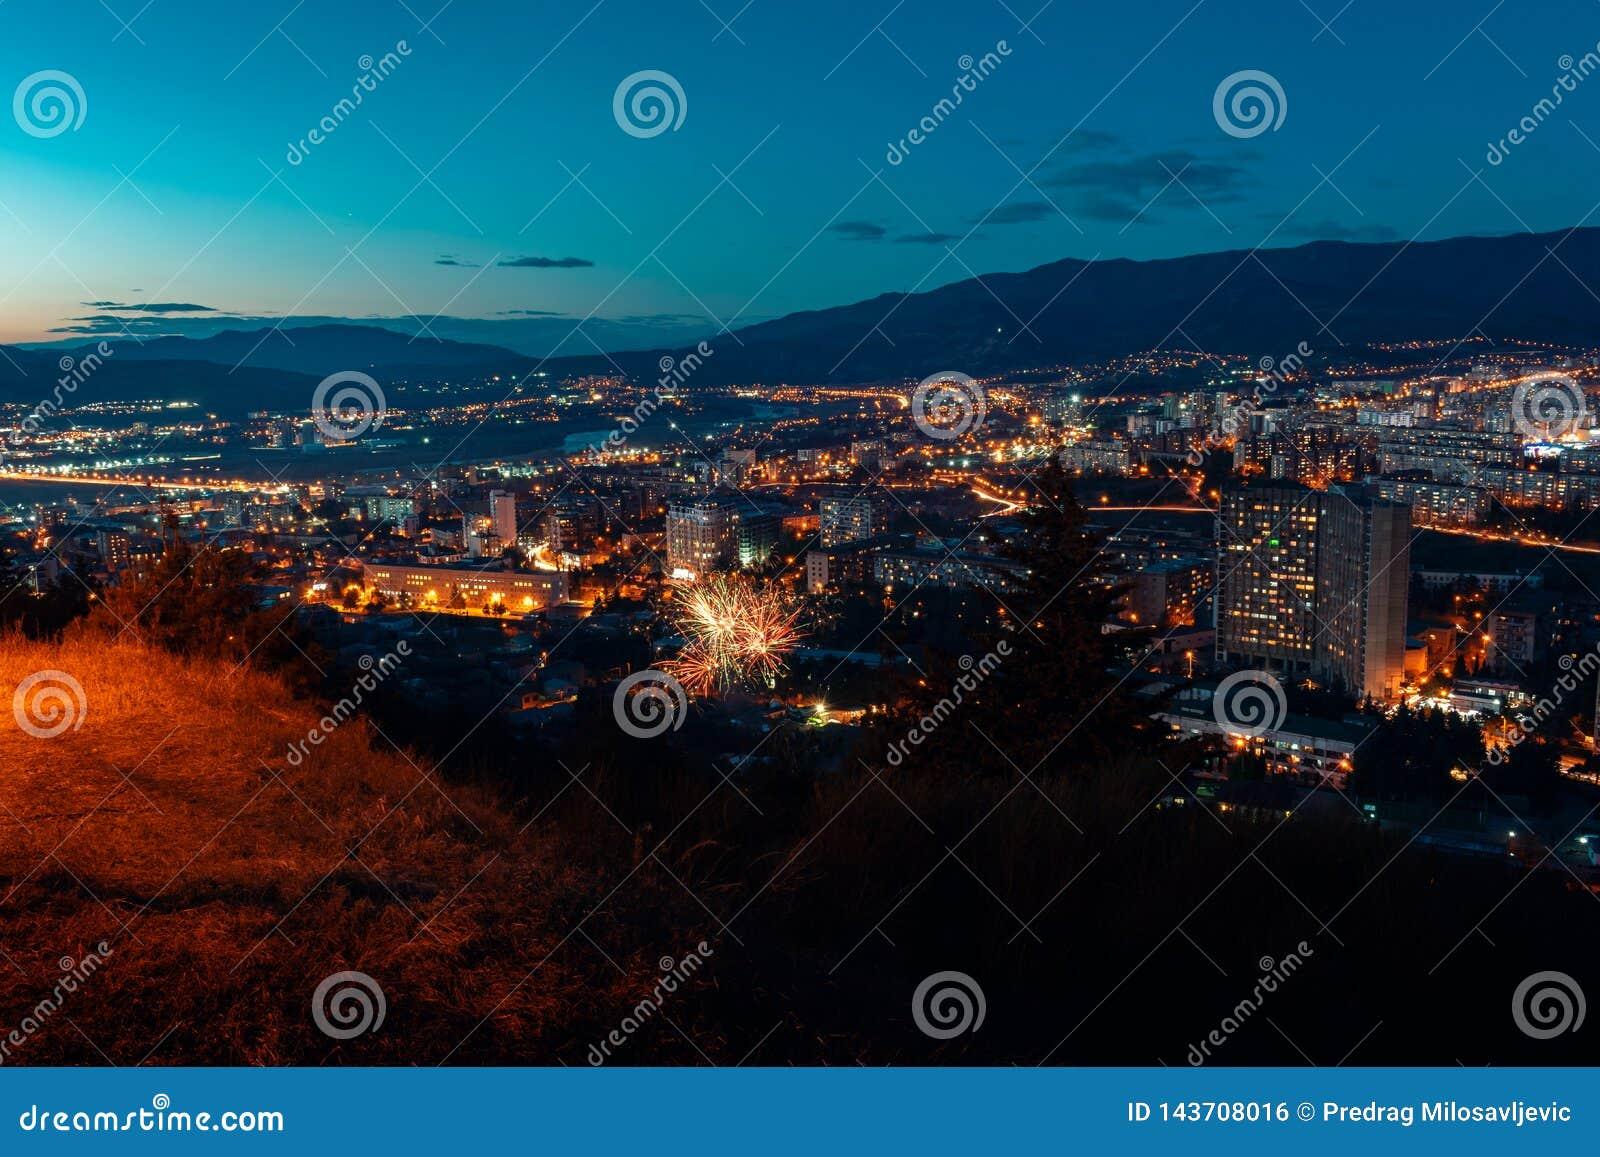 Vogelperspektive, Nachtstadtbildansicht mit nächtlichem Himmel natürliche klare Sicht mit Feuerwerken über Großstadtblöcken mit S